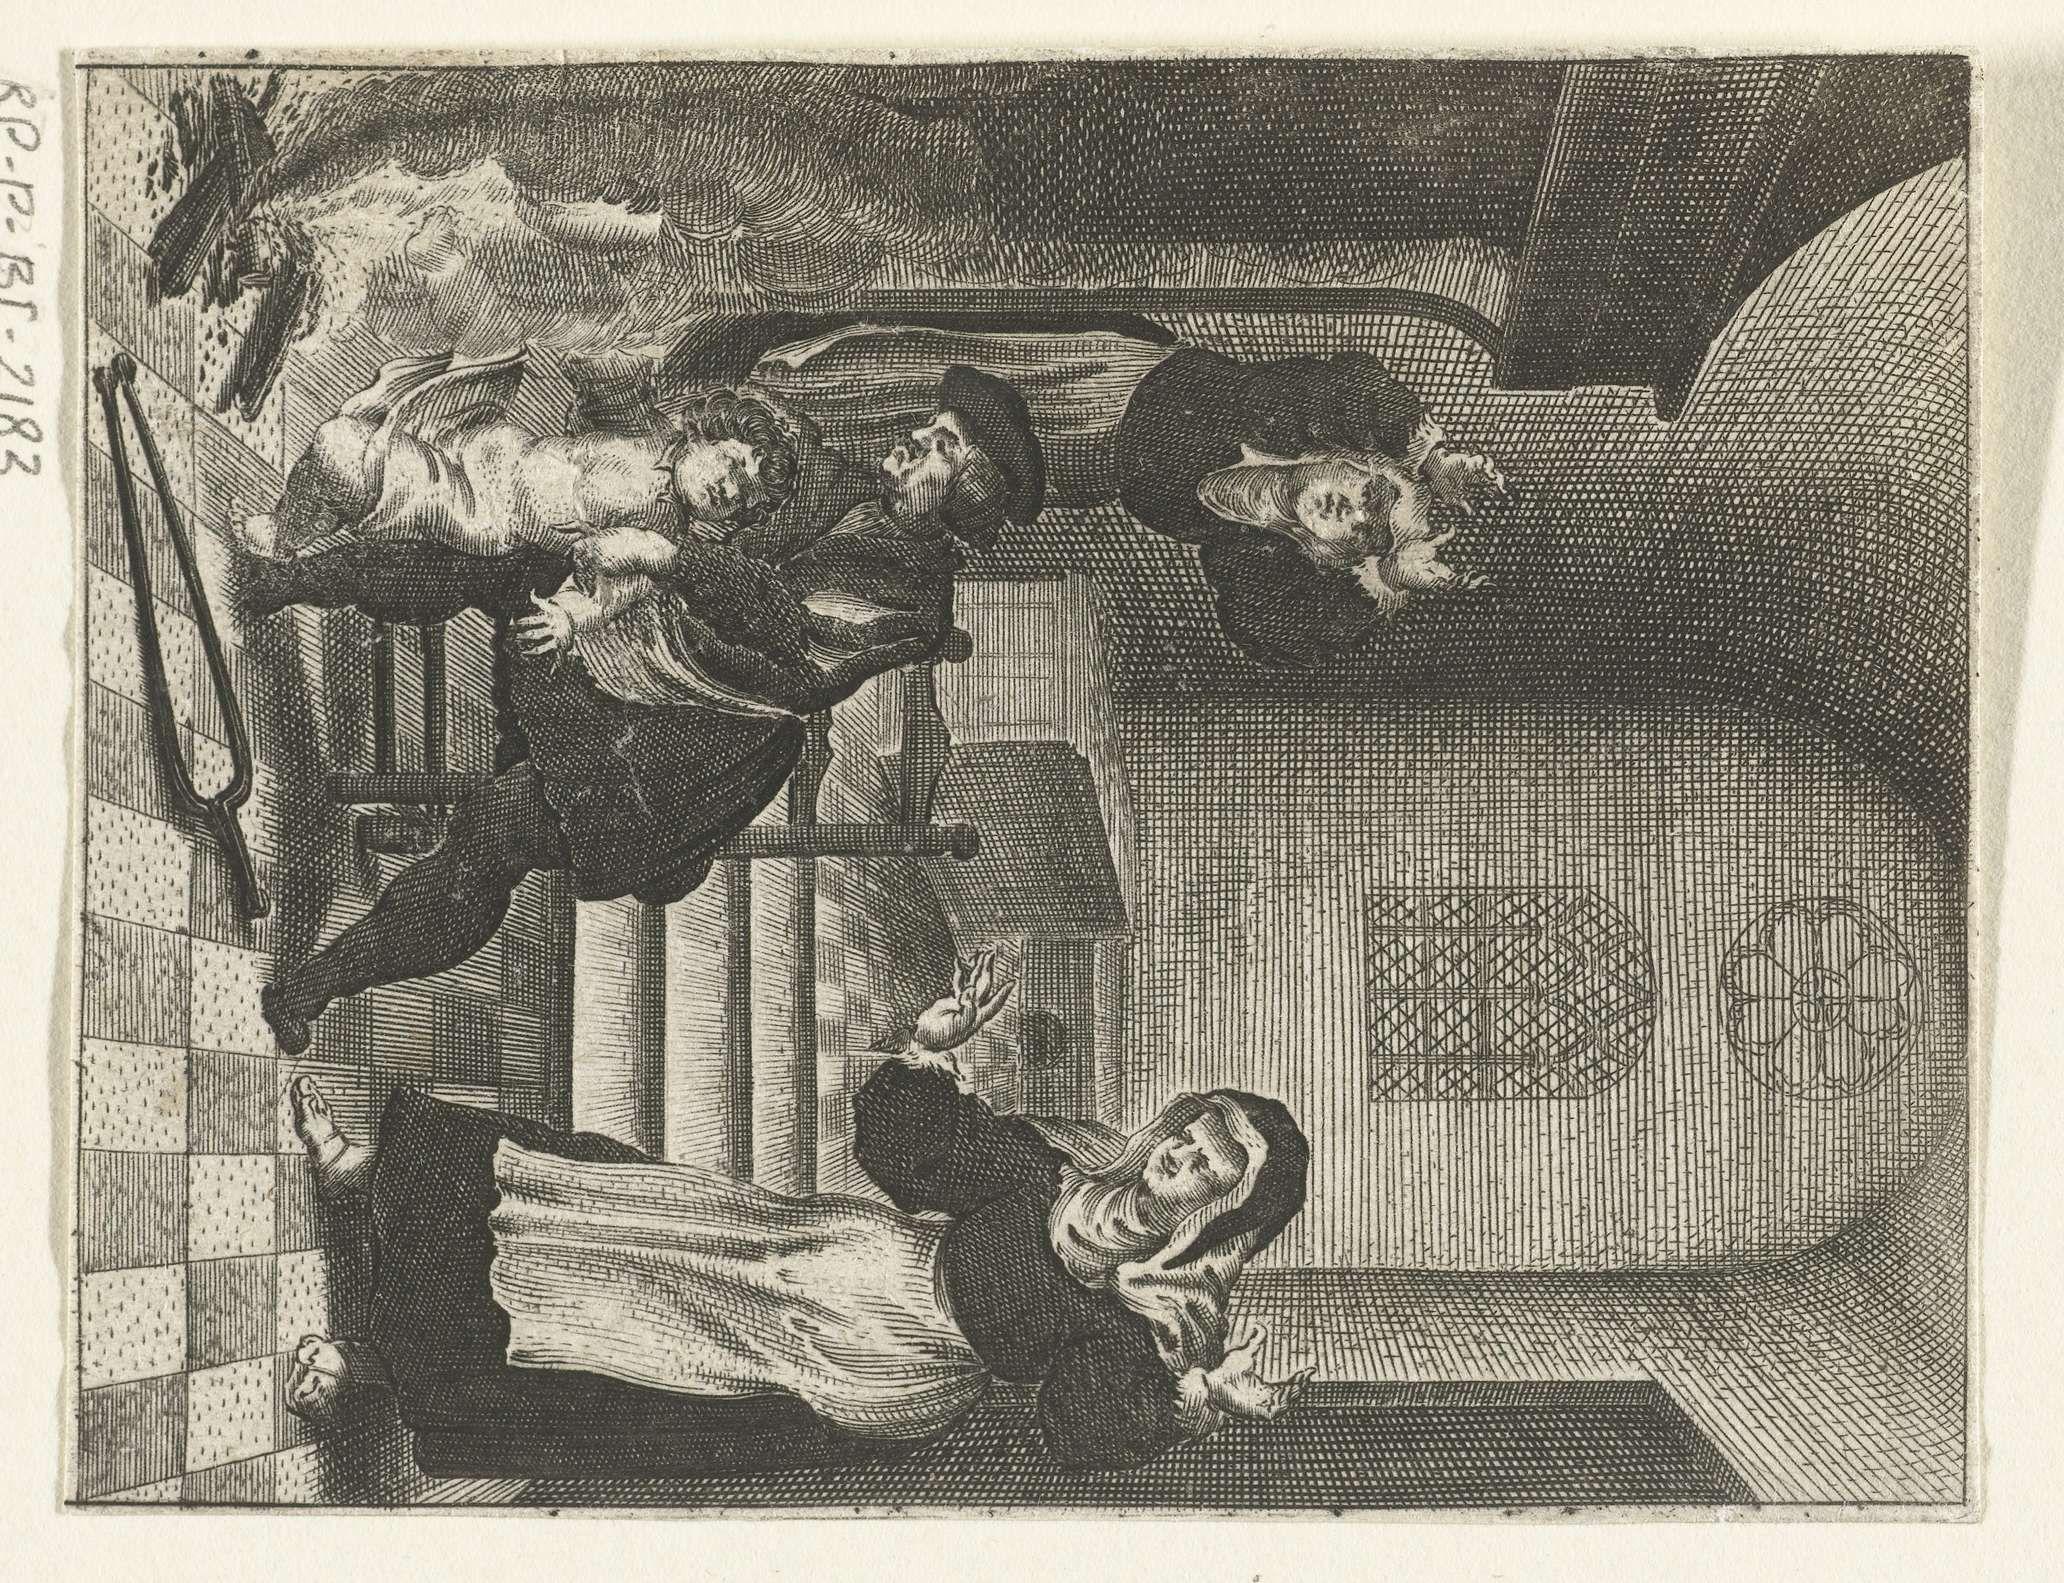 Boëtius Adamsz. Bolswert   Kind valt van zijn vaders schoot in het vuur, Boëtius Adamsz. Bolswert, Anonymous, Jacob Cornelisz van Oostsanen, 1639 - 1689  